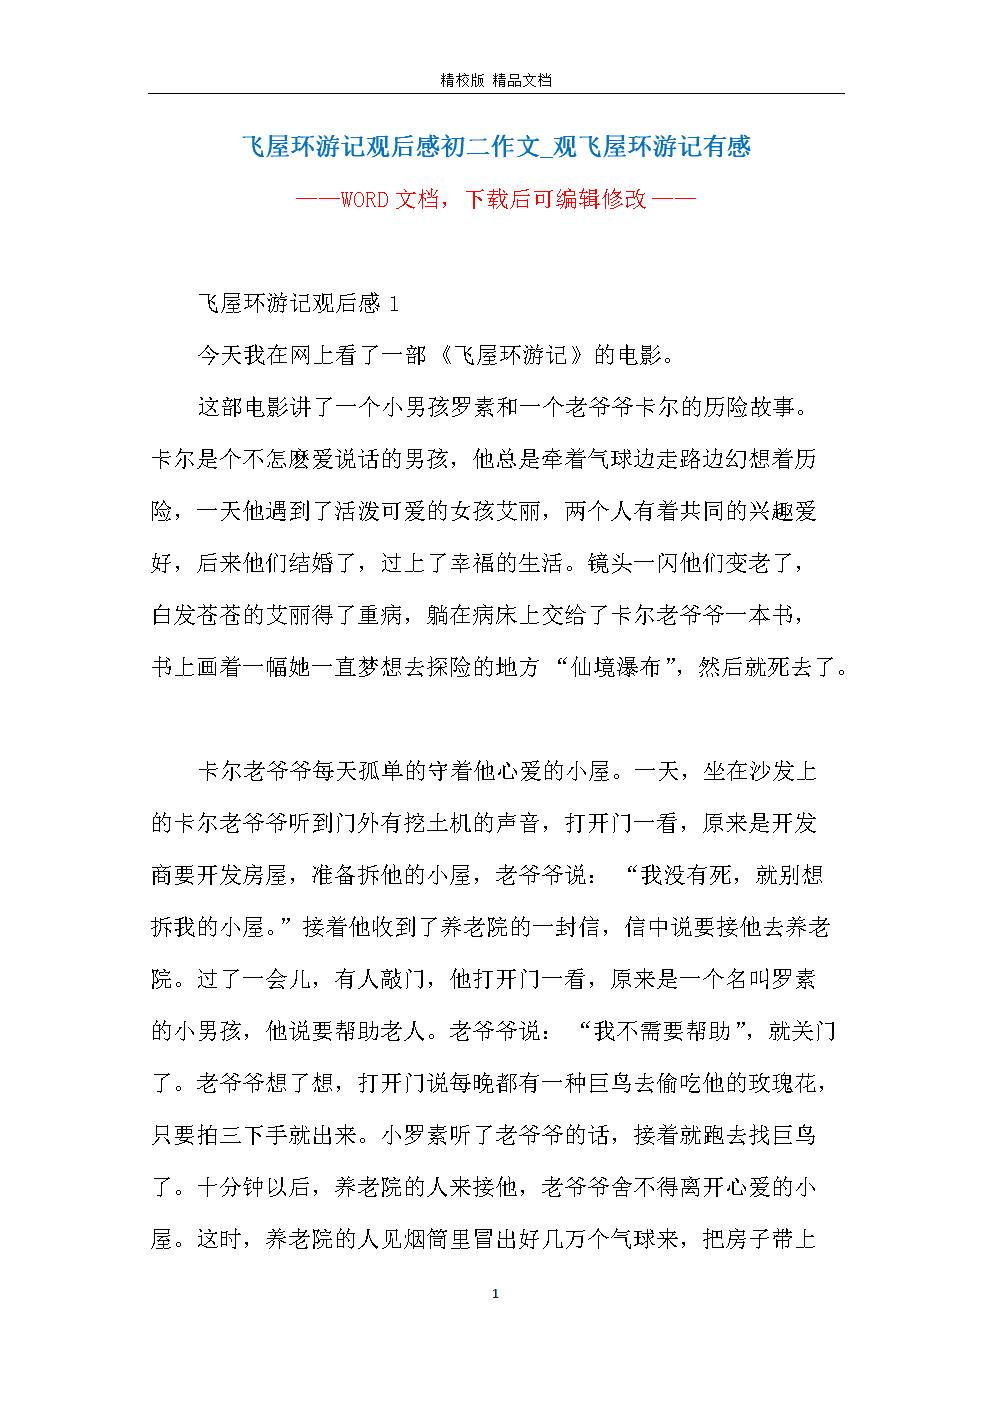 飞屋环游记观后感初二作文_观飞屋环游记有感.docx